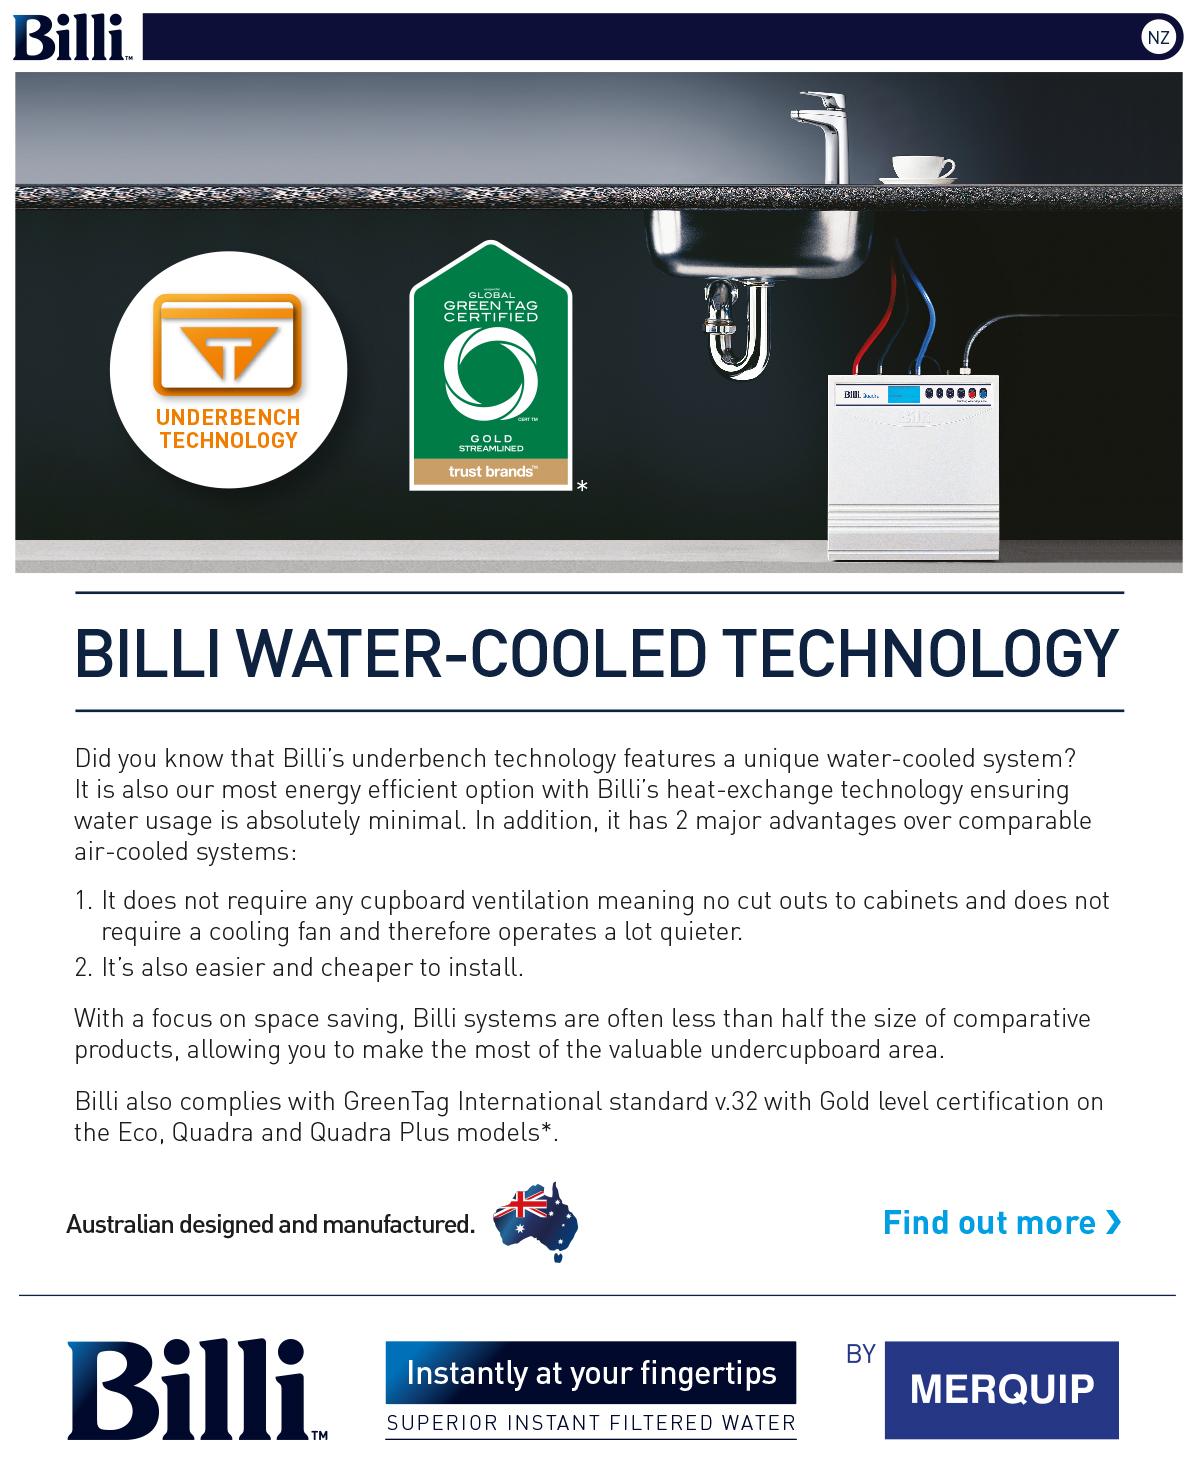 5681 Billi NZ Water-Cooled-Tech EDM FA